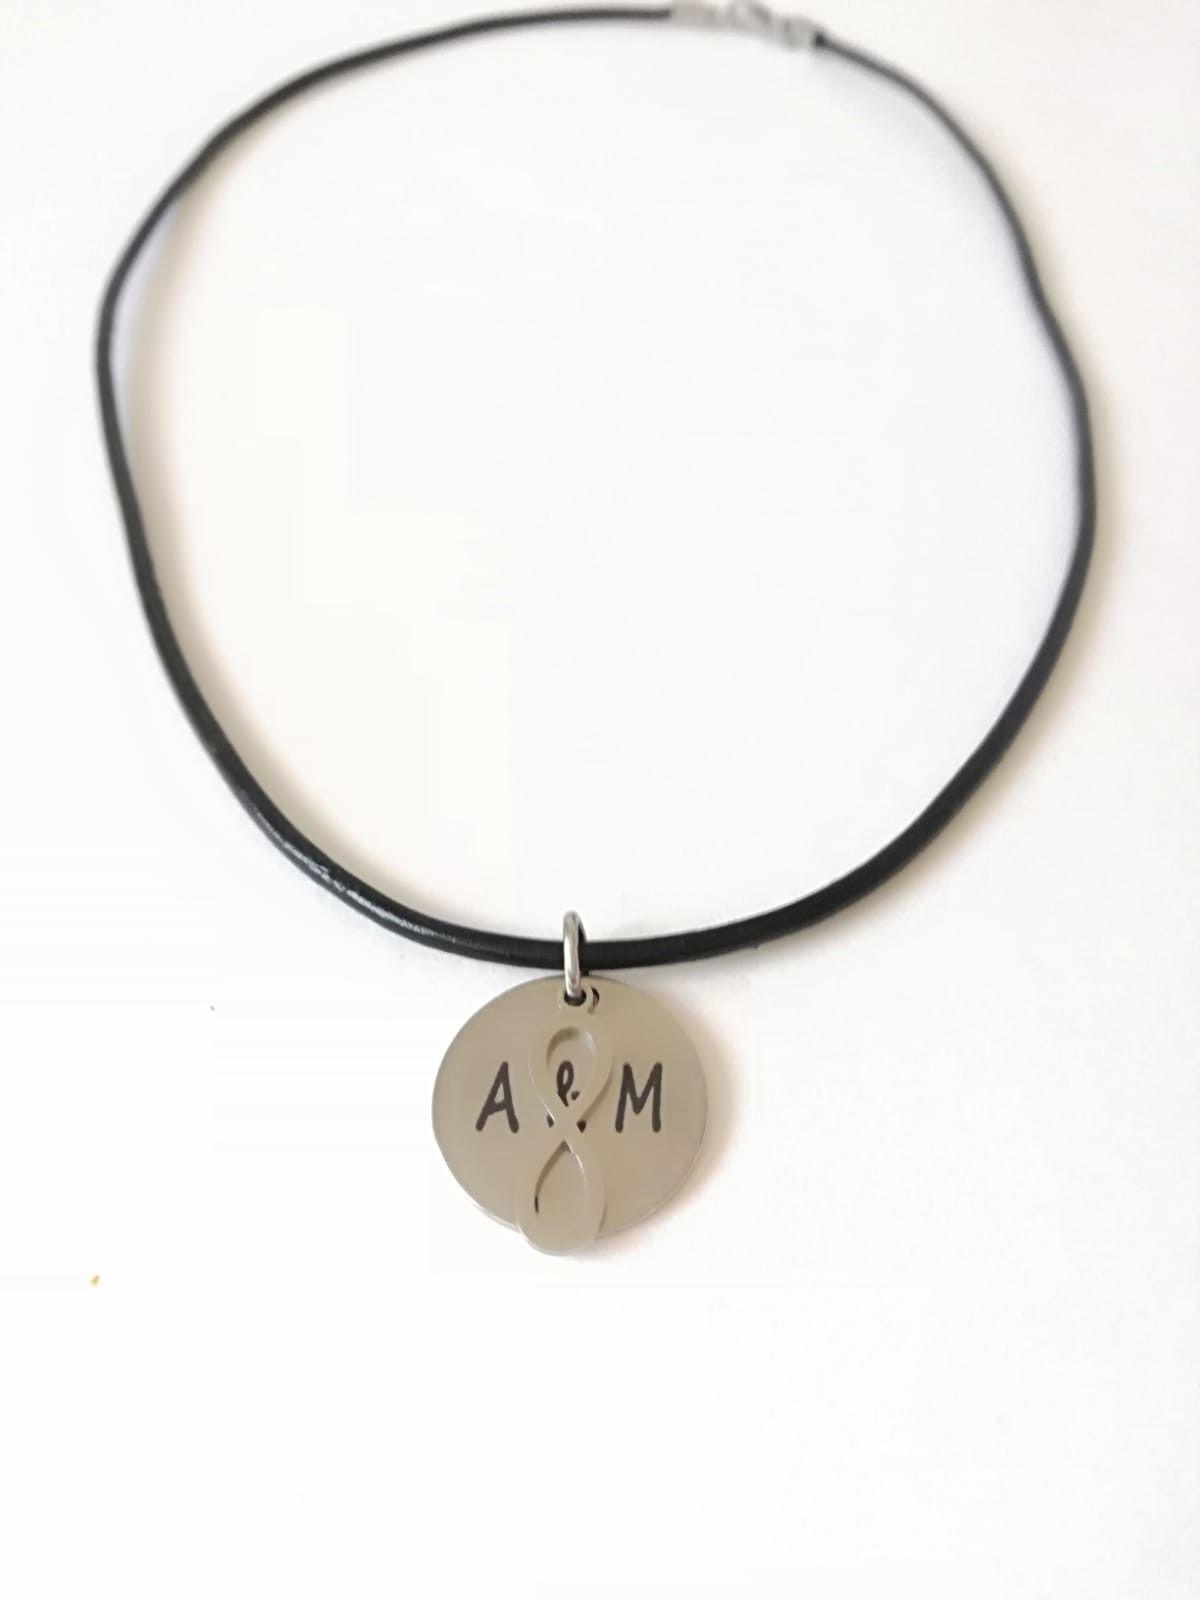 de1abbebbfb8 Collar cuero con medalla acero personalizada